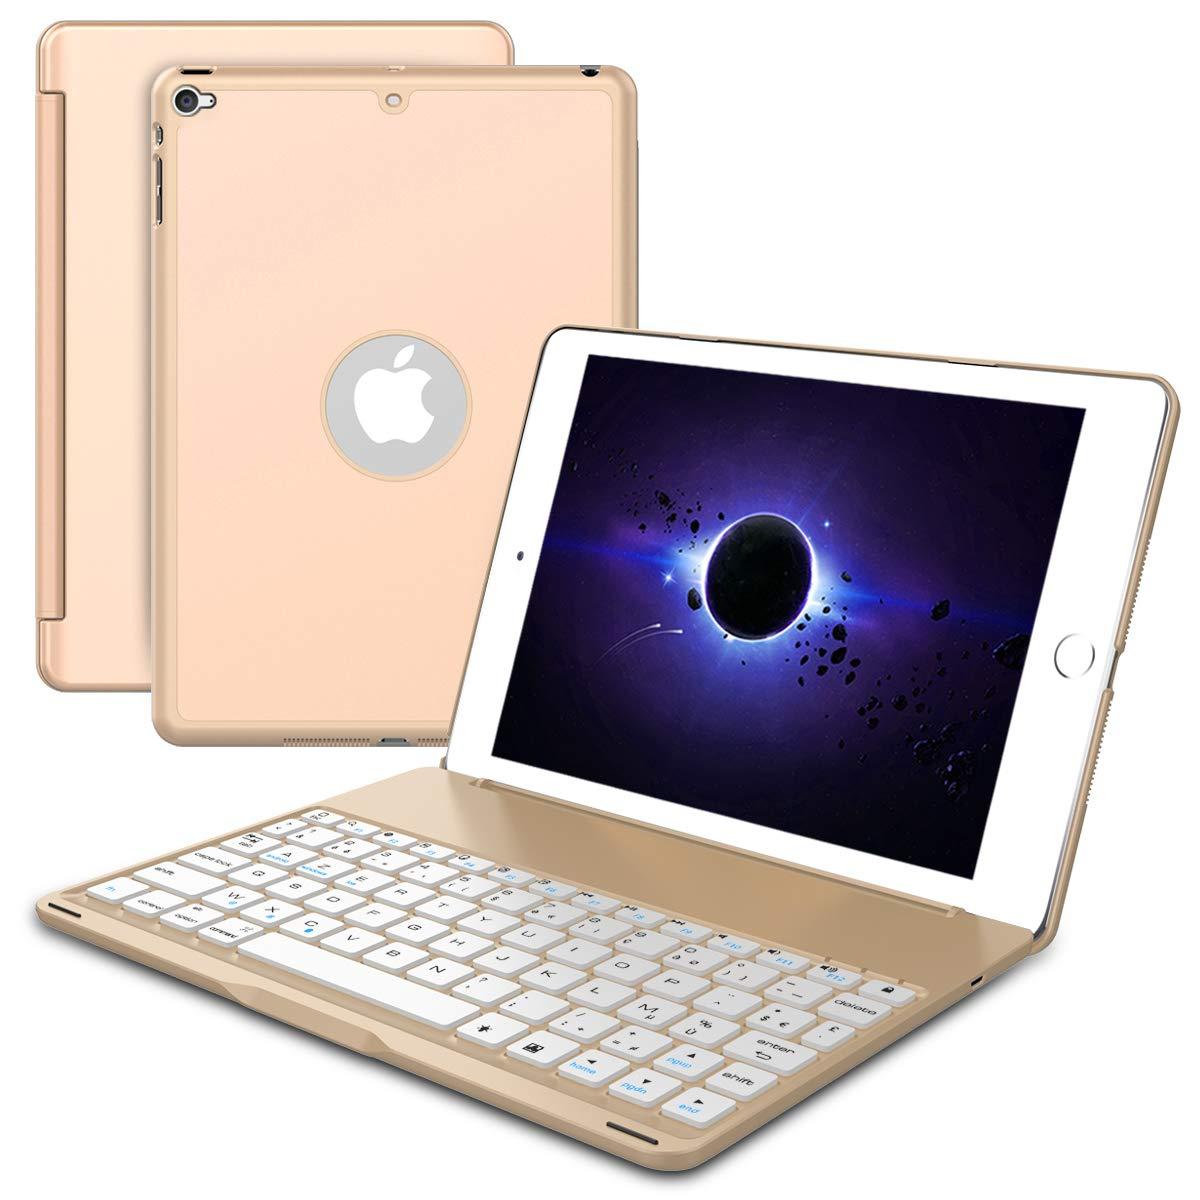 【ふるさと割】 iPad Air 2 シェル,MeetJP ドロッププロテクション 2 保護シェル スクラッチ耐性 耐衝撃性 スクラッチ耐性 ゴム B07L3T2C88 緩衝器 保護 弁護者 シェル カバー の iPad Air 2 Golden Golden B07L3T2C88, e-通販TKS:3a2c2488 --- a0267596.xsph.ru